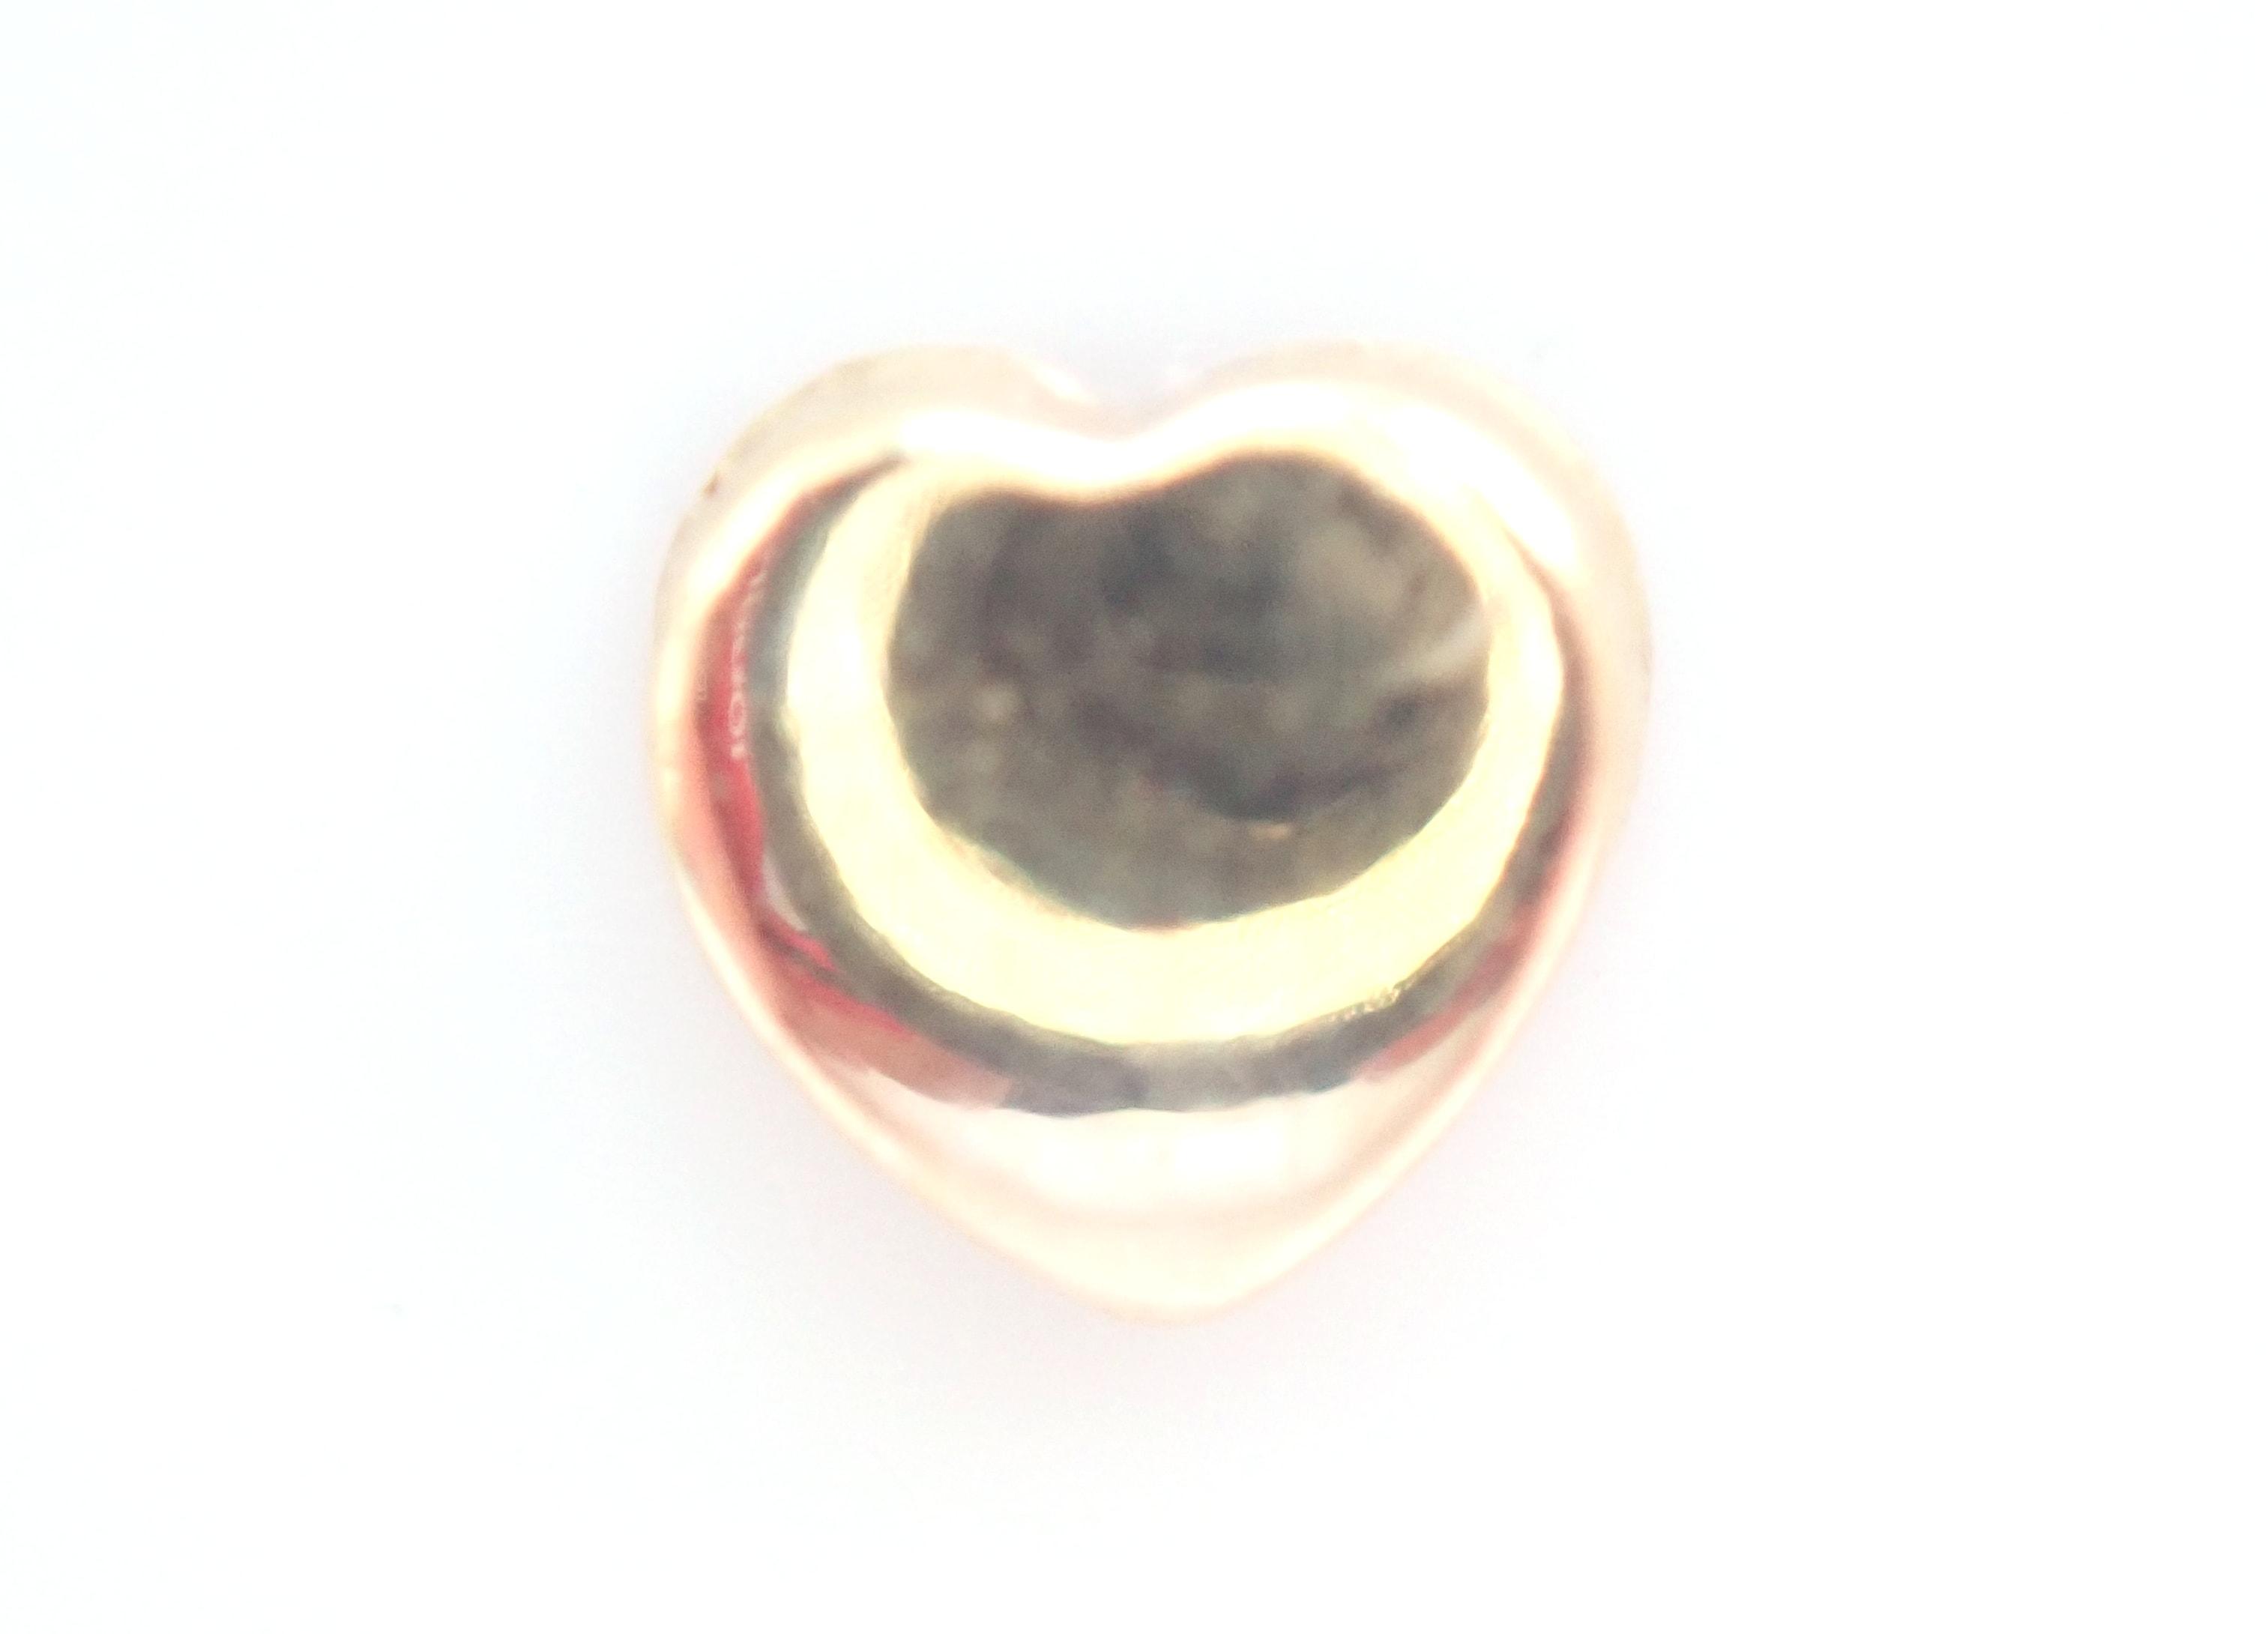 AZZ00632 - Stunning! 18k 750 Yellow Gold Heart- Earrings Butterfly Backs 0.5gms #18